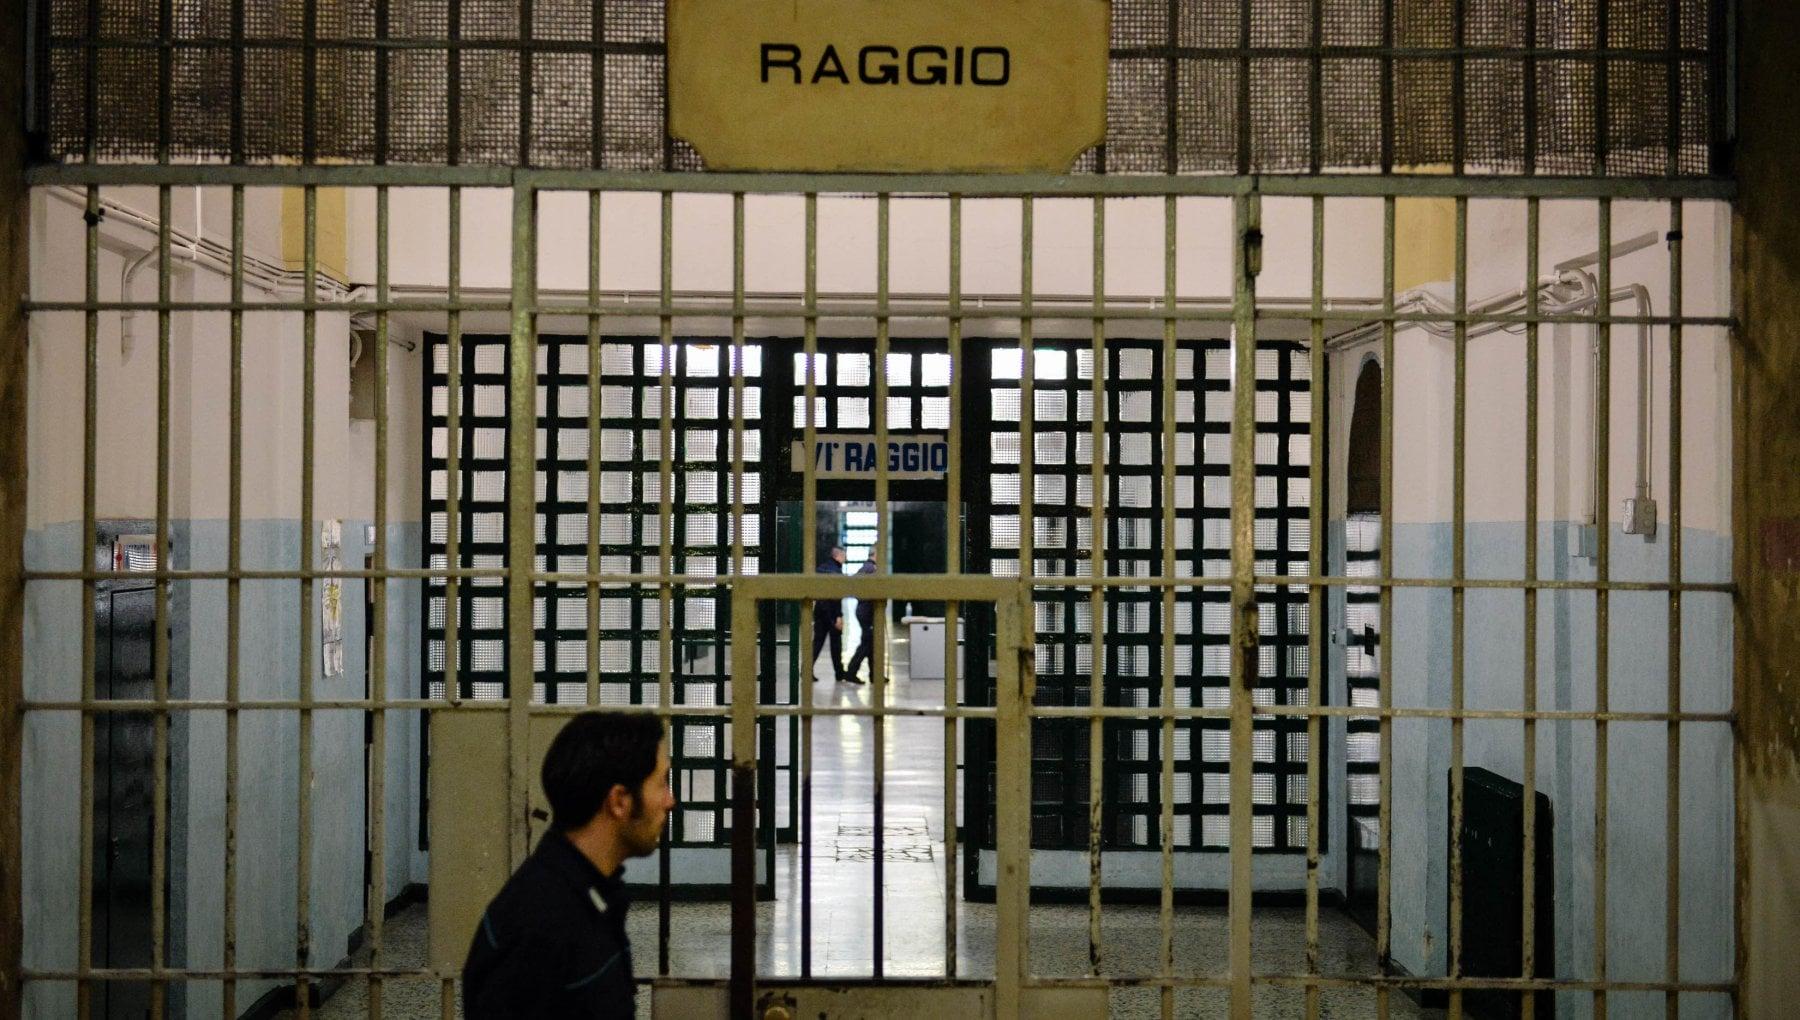 Coronavirus nelle carceri a Milano allarme per il numero di contagi tra detenuti. In Lombardia un terzo dei positivi di tutta Italia